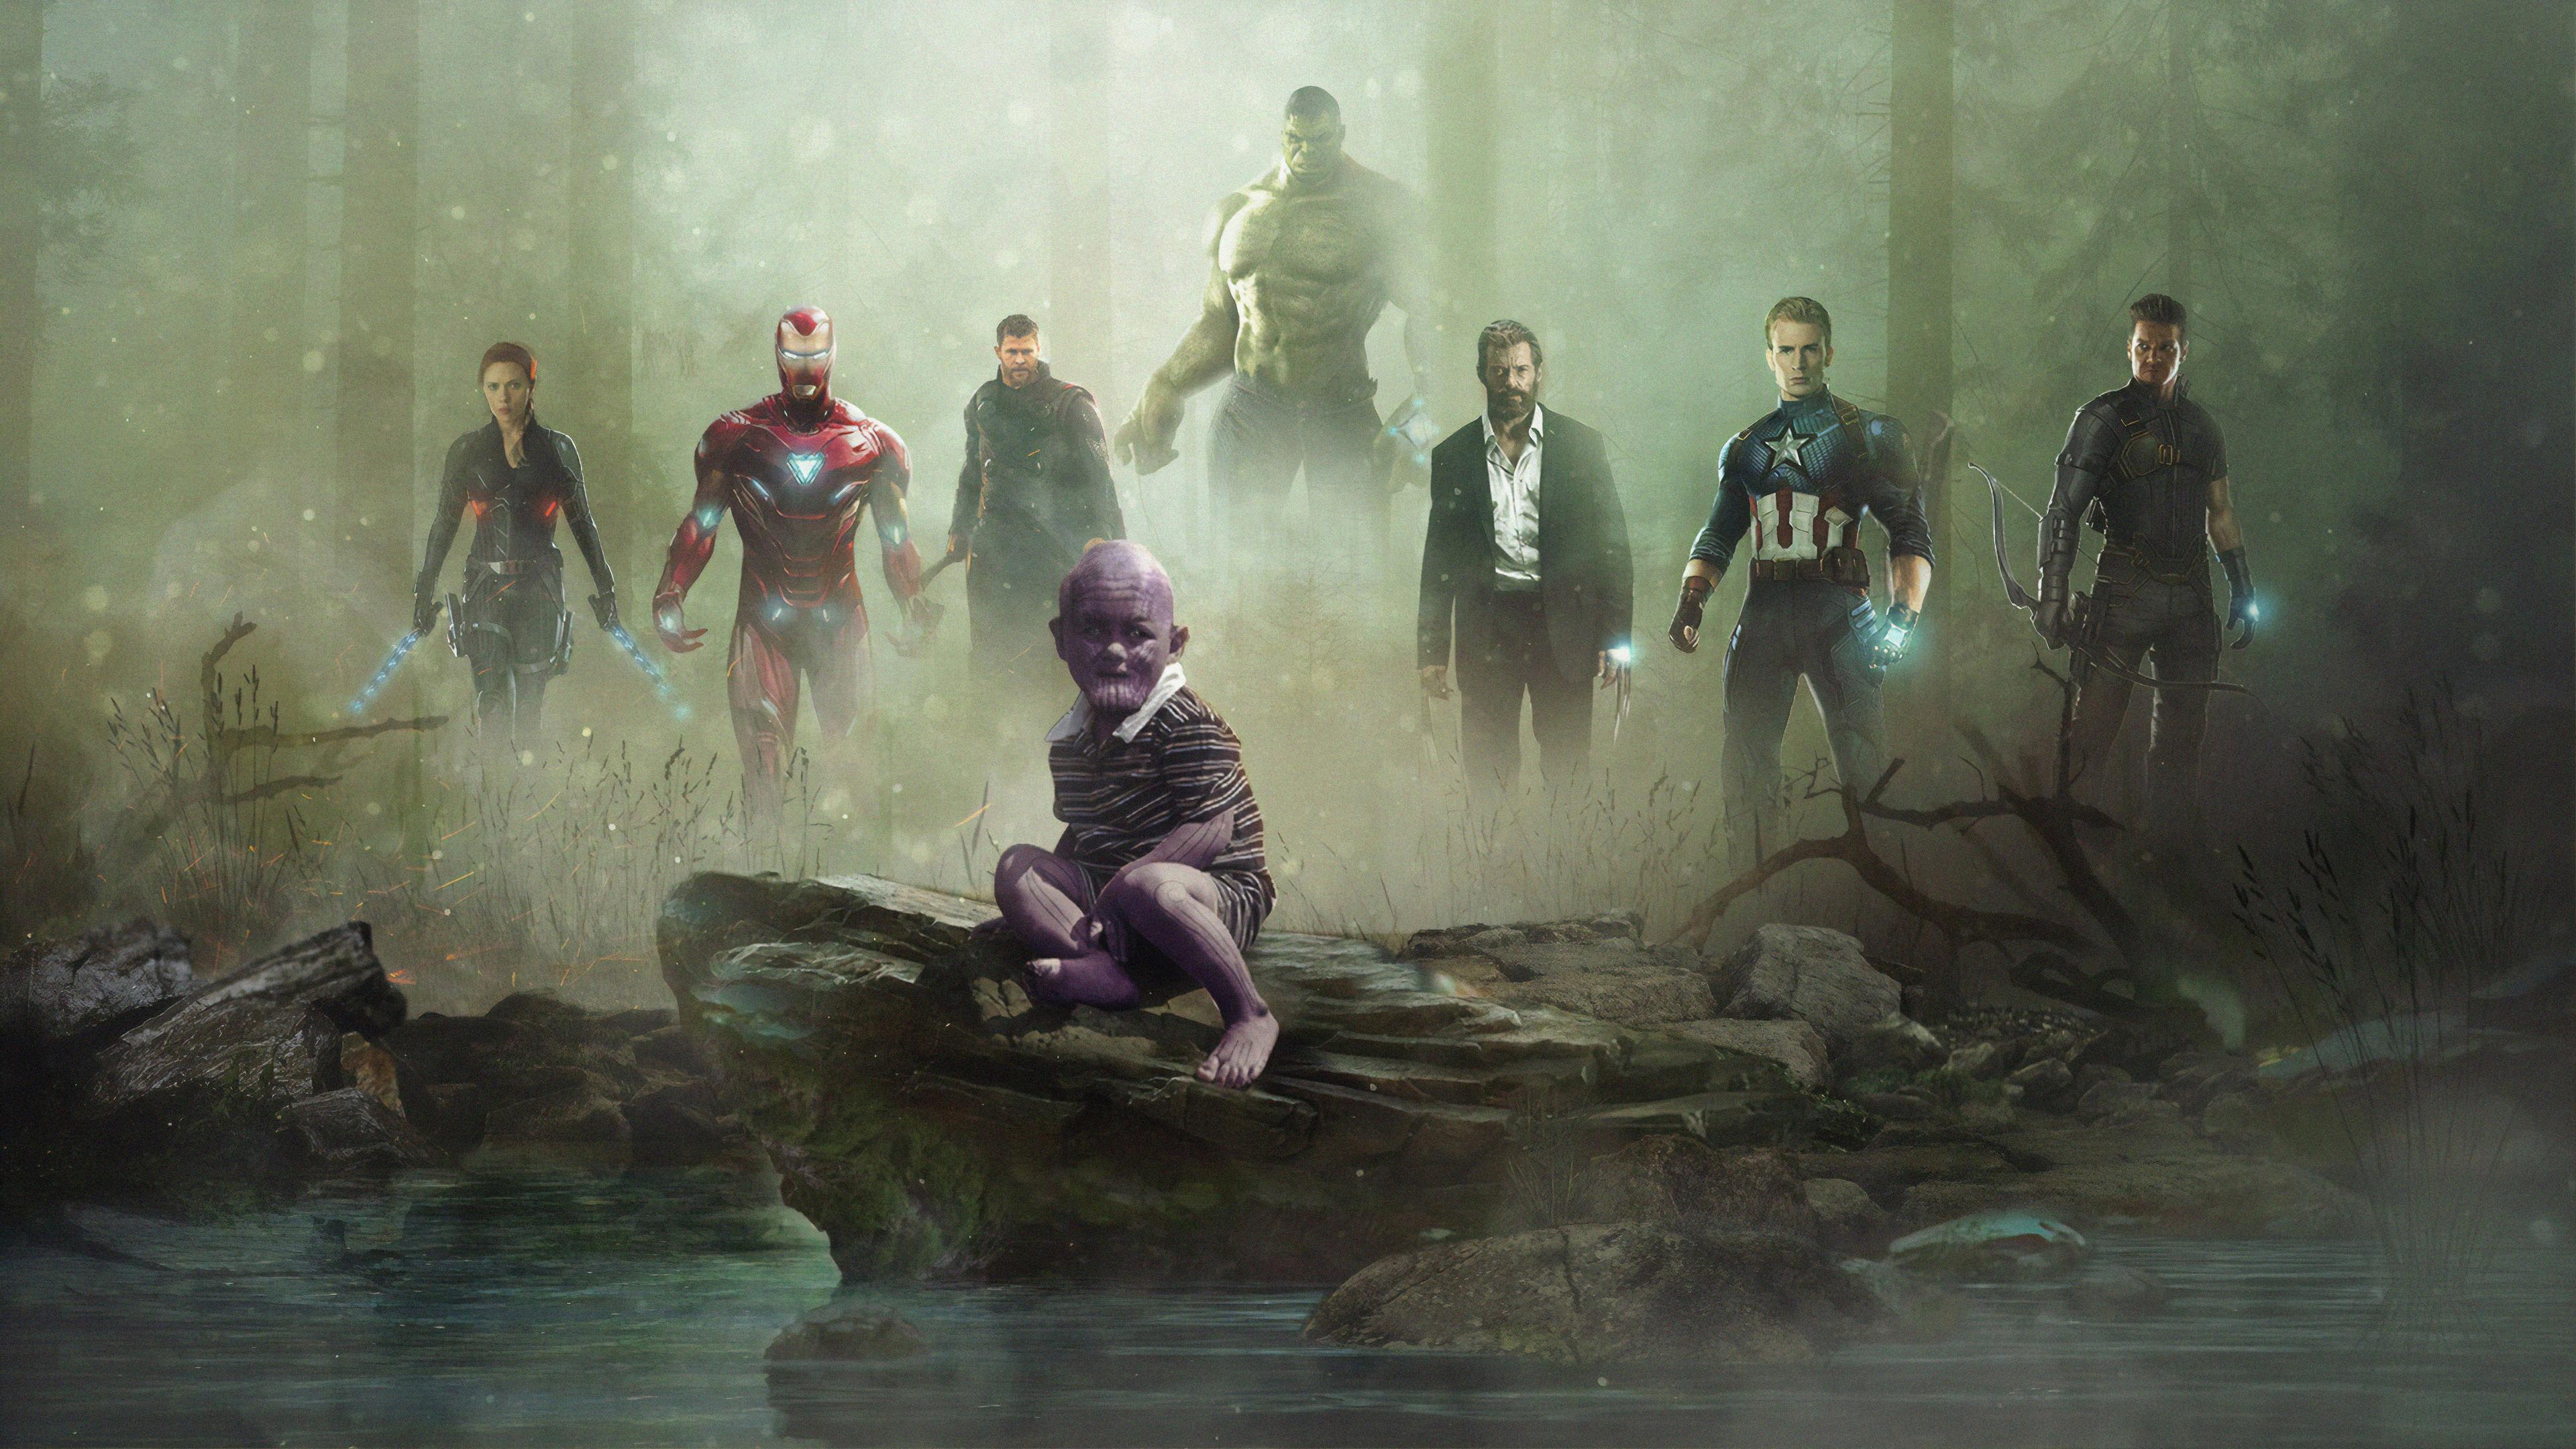 avengers vs kid thanos 1563220123 - Avengers Vs Kid Thanos - thanos-wallpapers, superheroes wallpapers, hd-wallpapers, avengers-wallpapers, artwork wallpapers, 4k-wallpapers